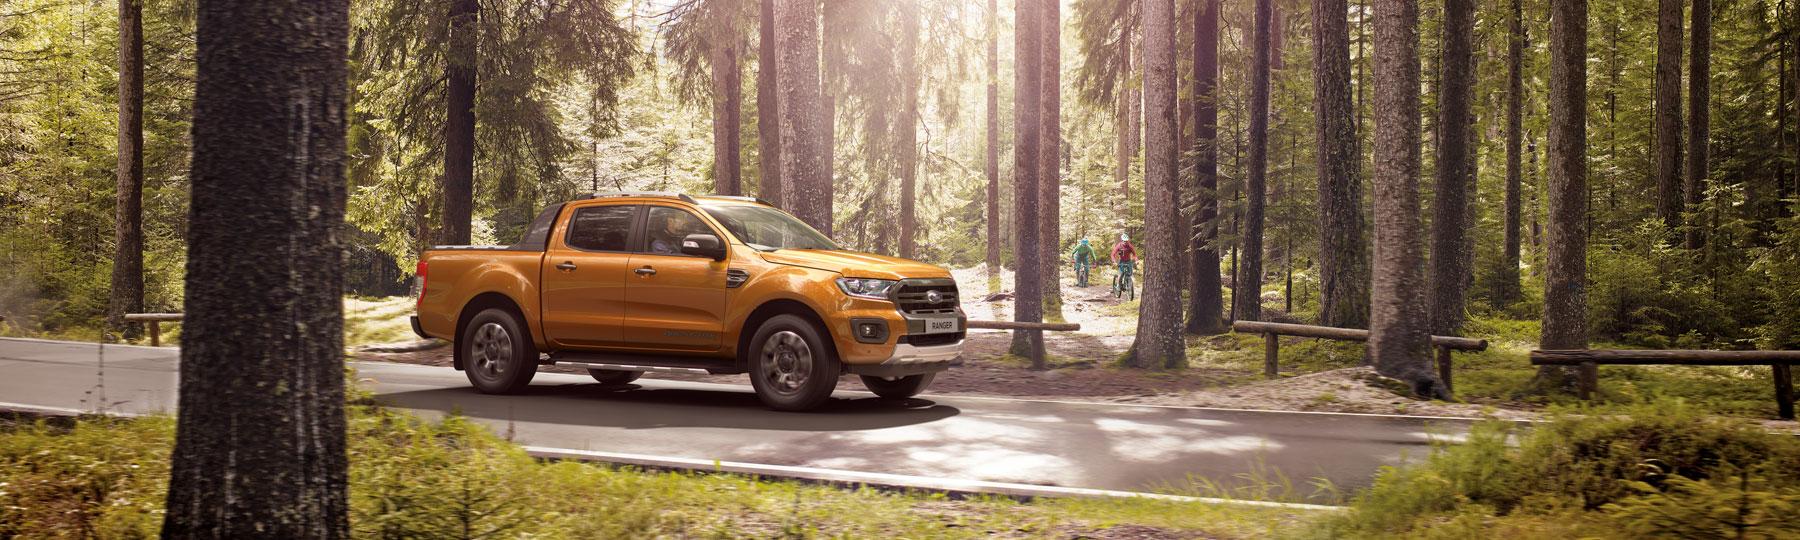 Ford Ranger New Van Offer